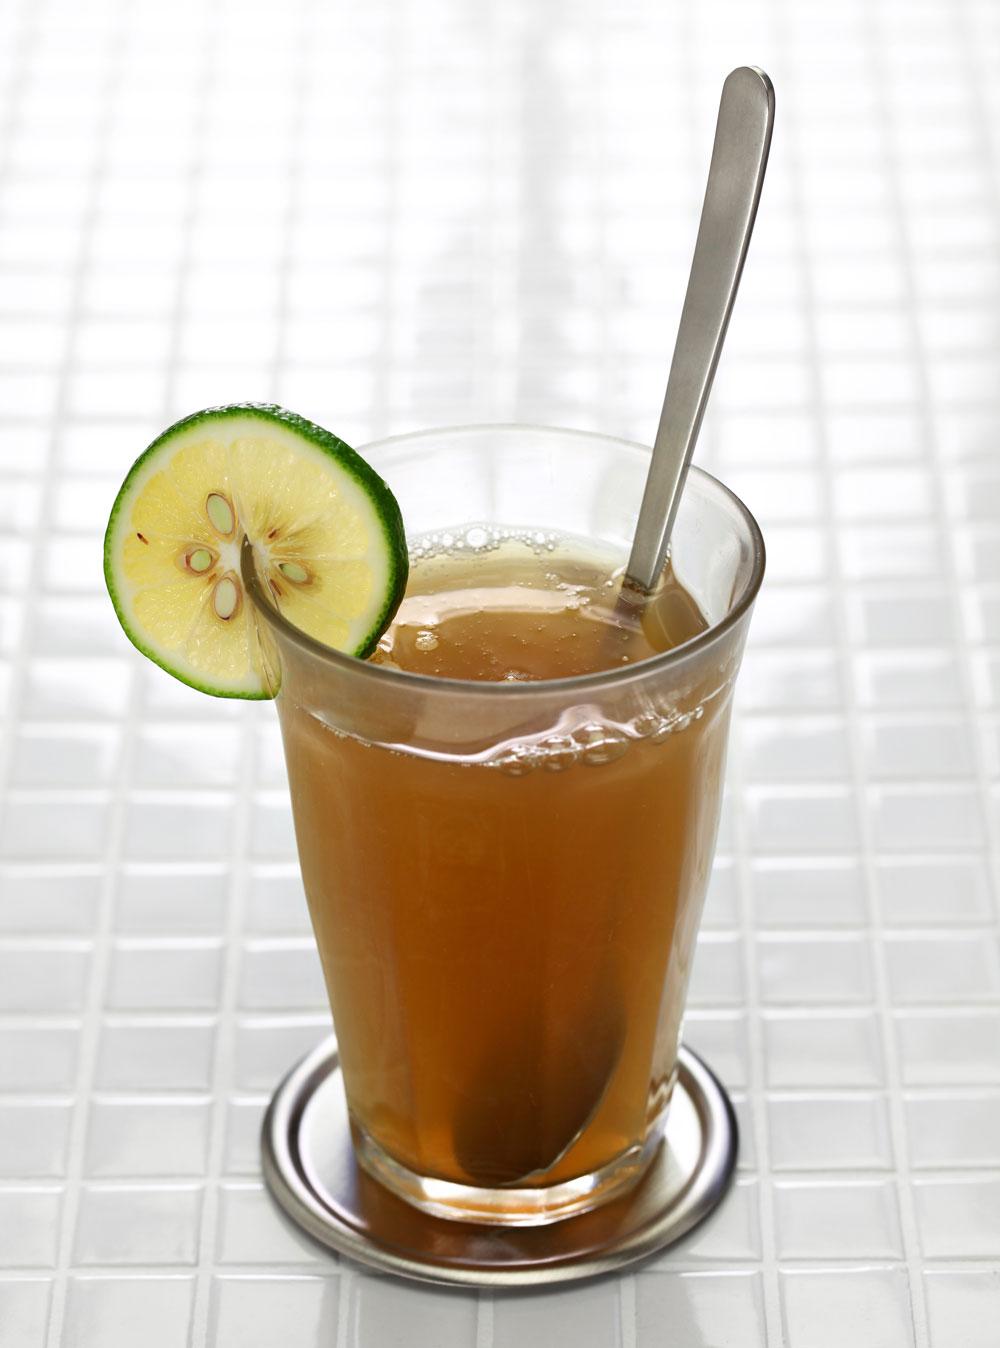 Emoliente drink from Peru